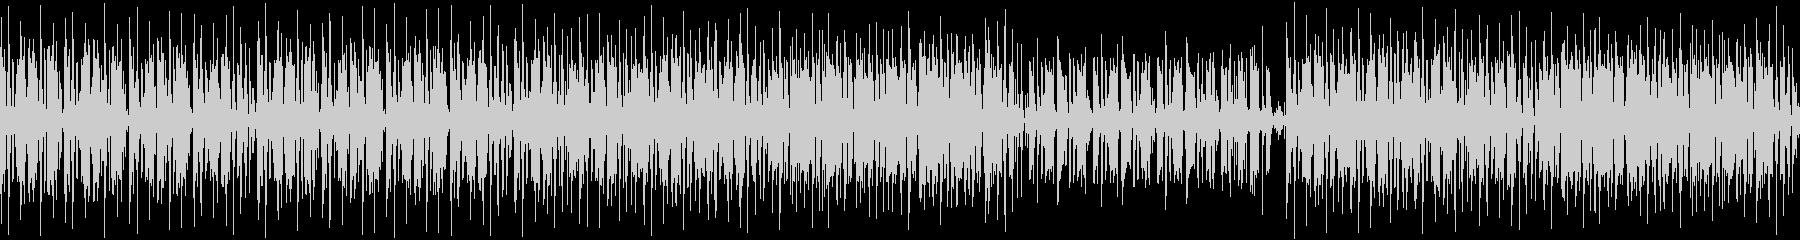 少しダークな雰囲気のあるシンプルなBGMの未再生の波形